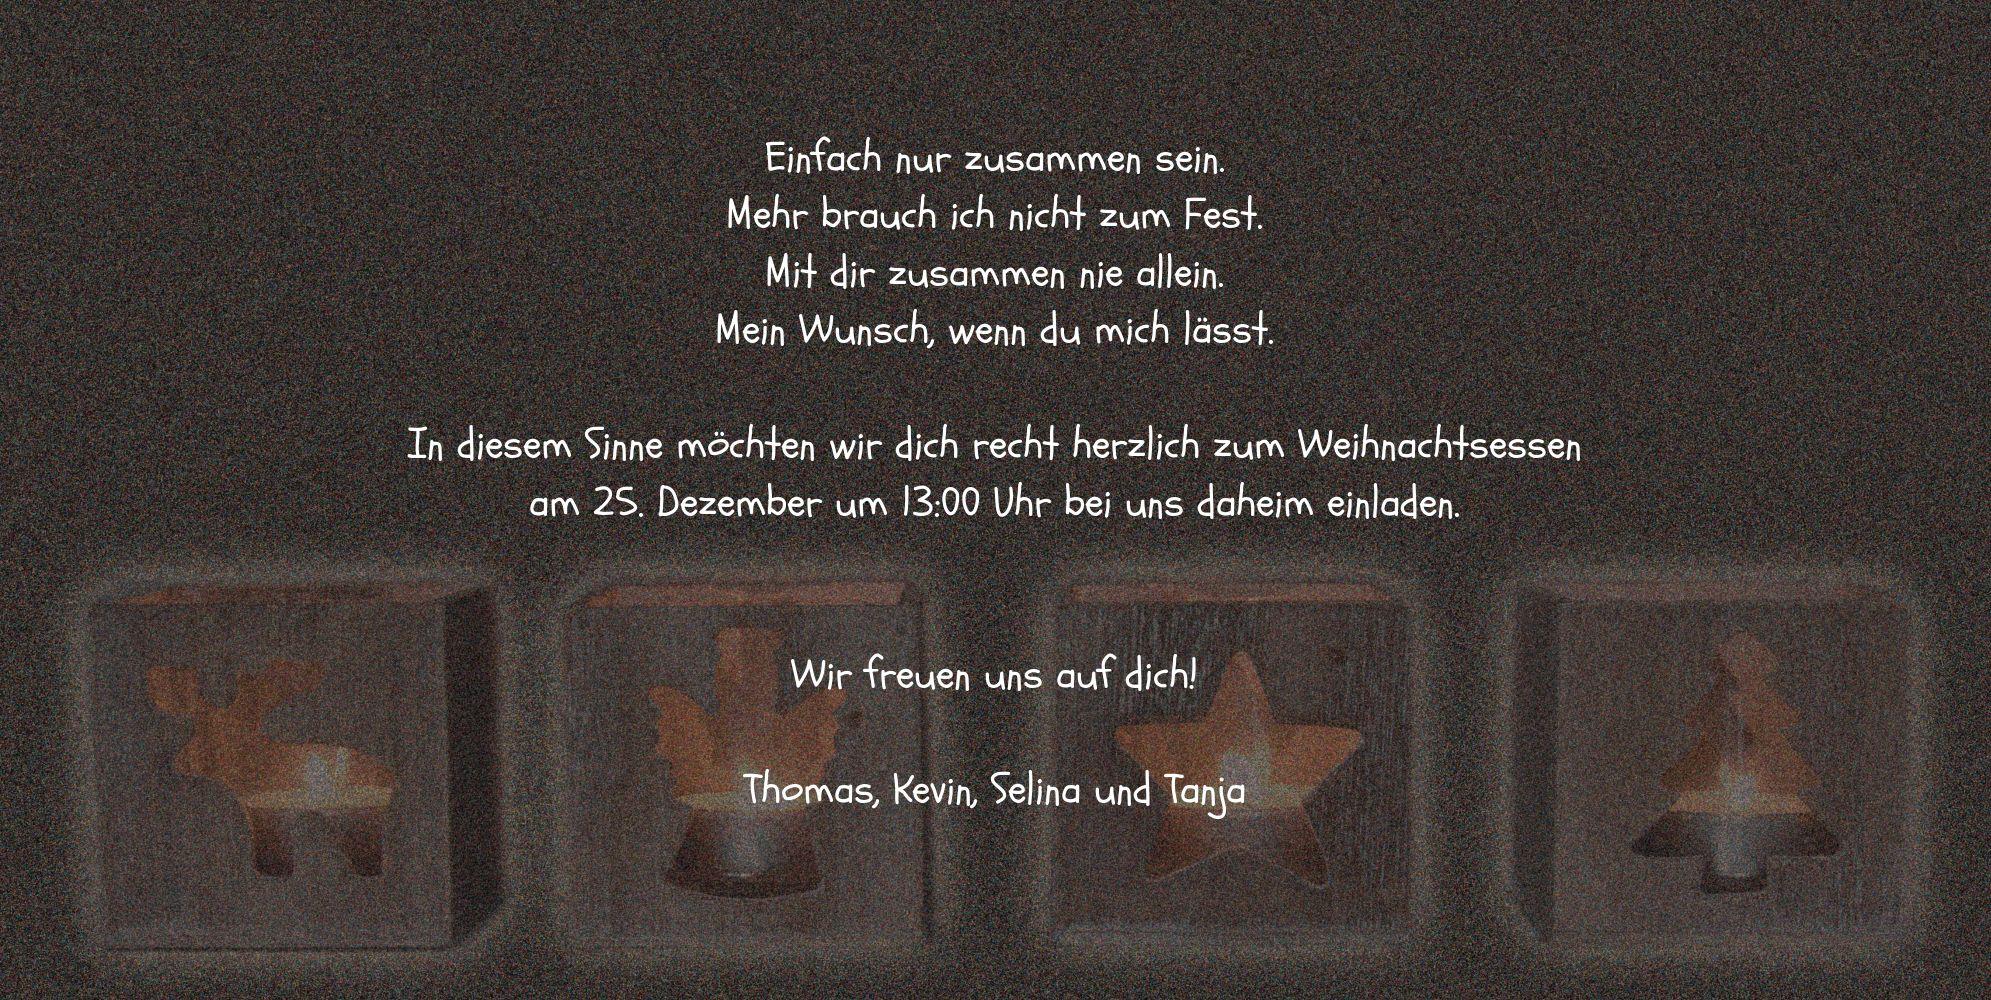 Ansicht 5 - Foto Einladung Adventszeit